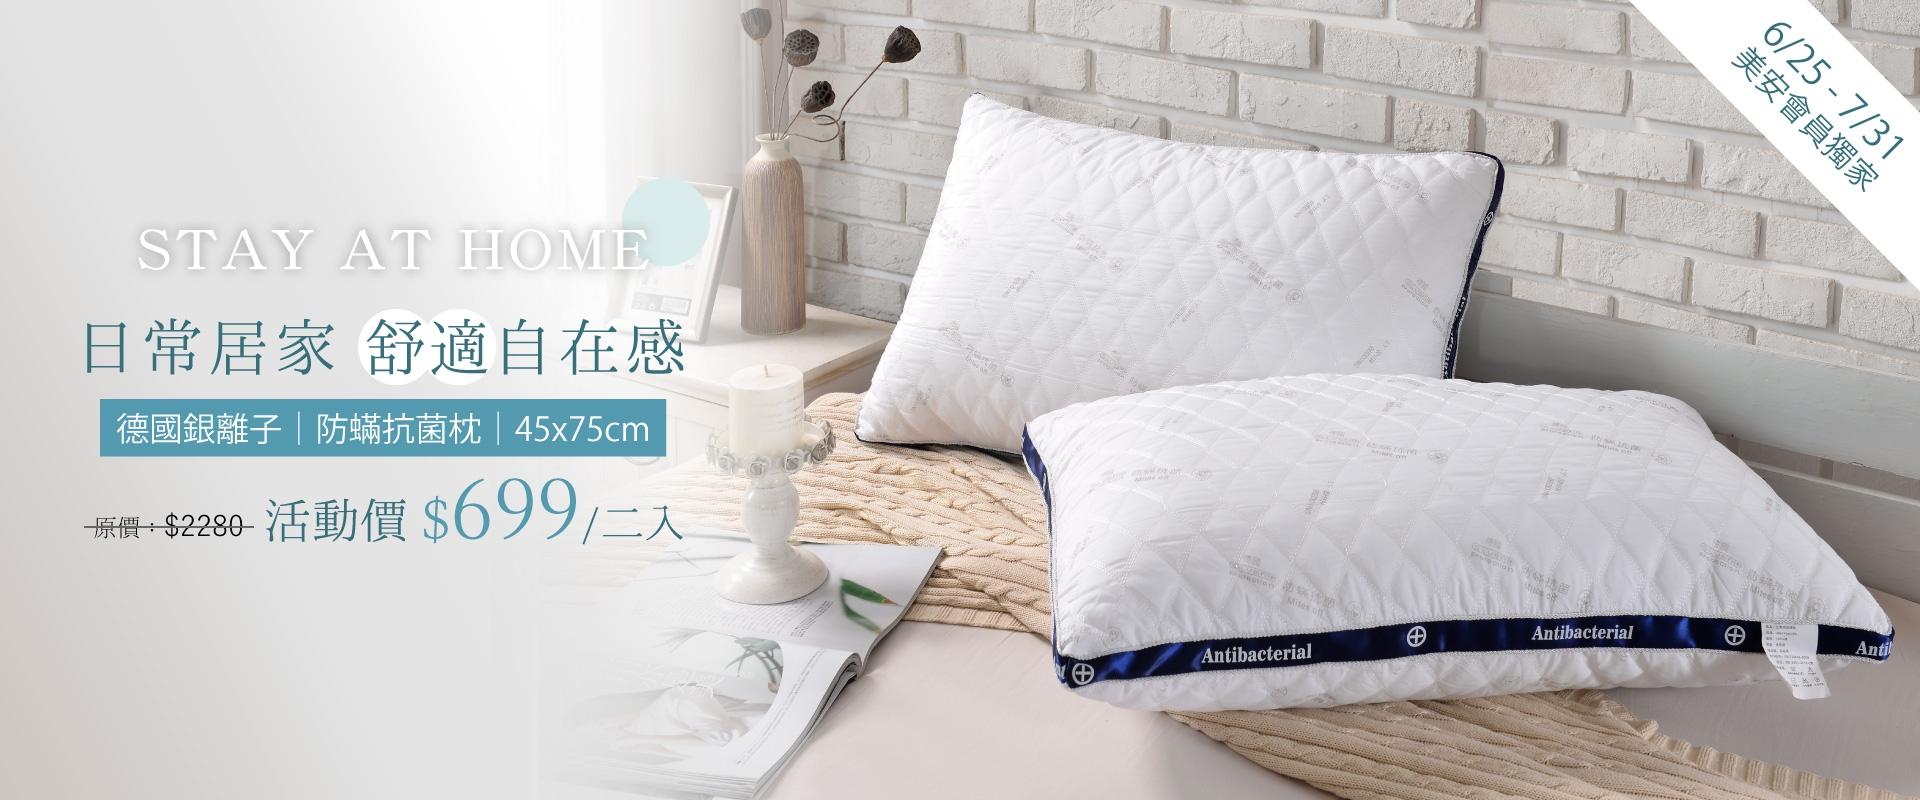 德國銀離子防蟎抗菌枕|45x75cm一對$699